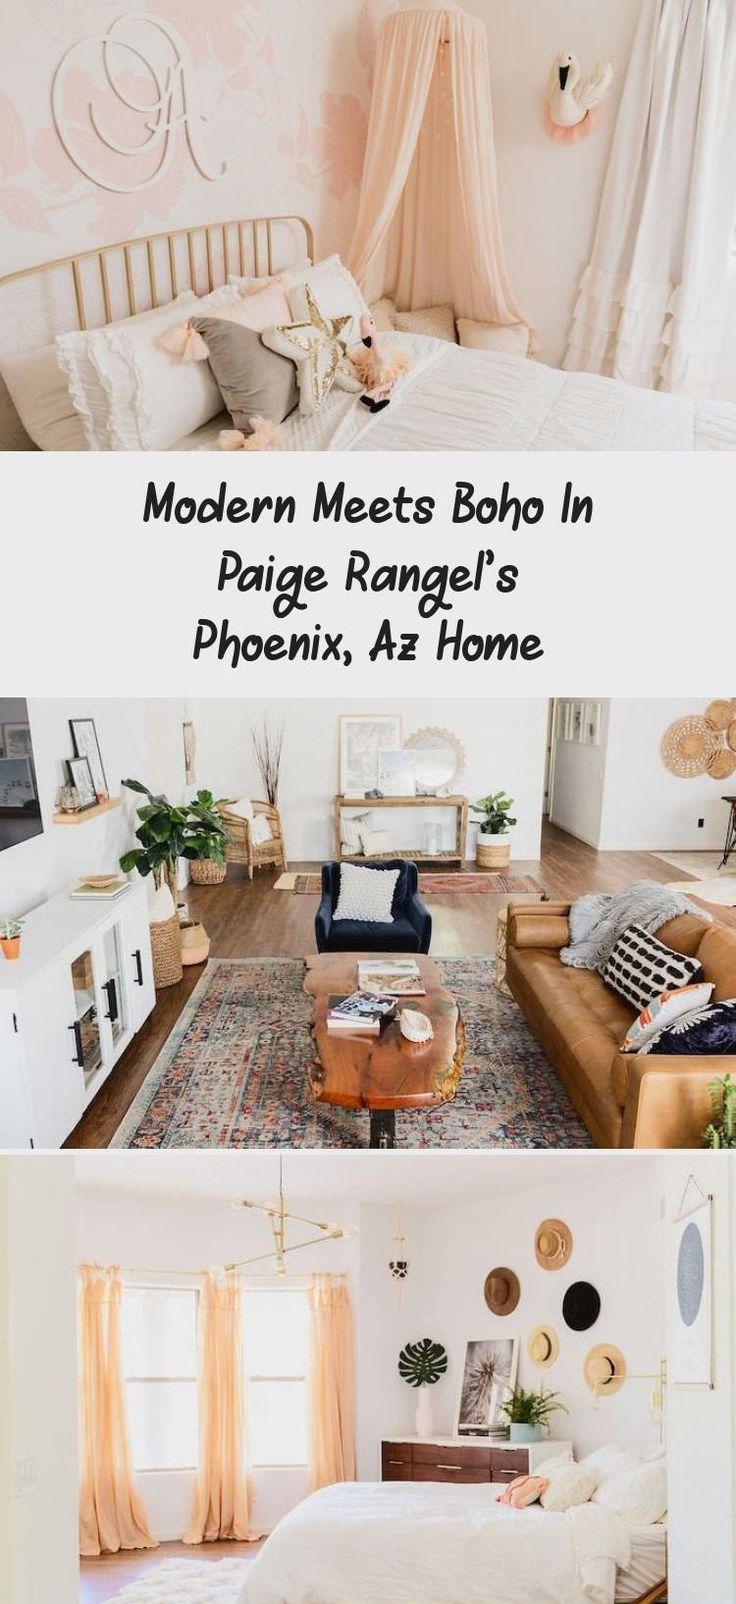 Modern Meets Boho In Paige Rangel's Phoenix, Az Home